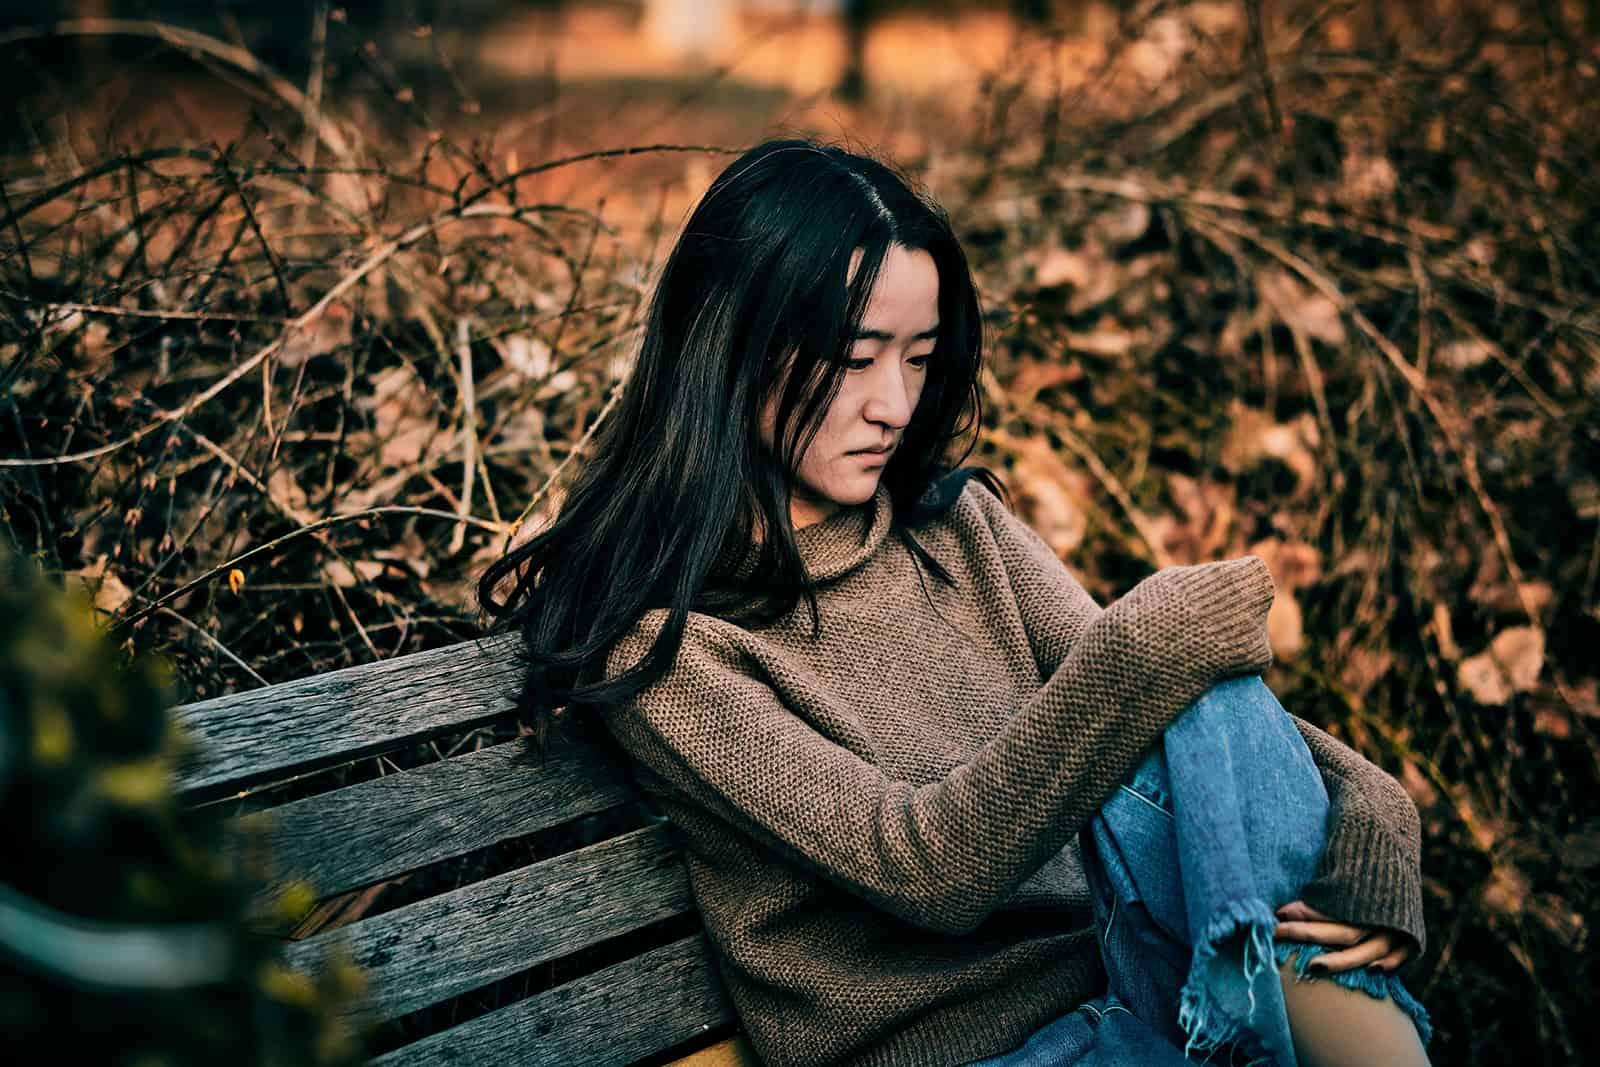 eine Frau, die traurig aussieht und alleine auf der Bank sitzt